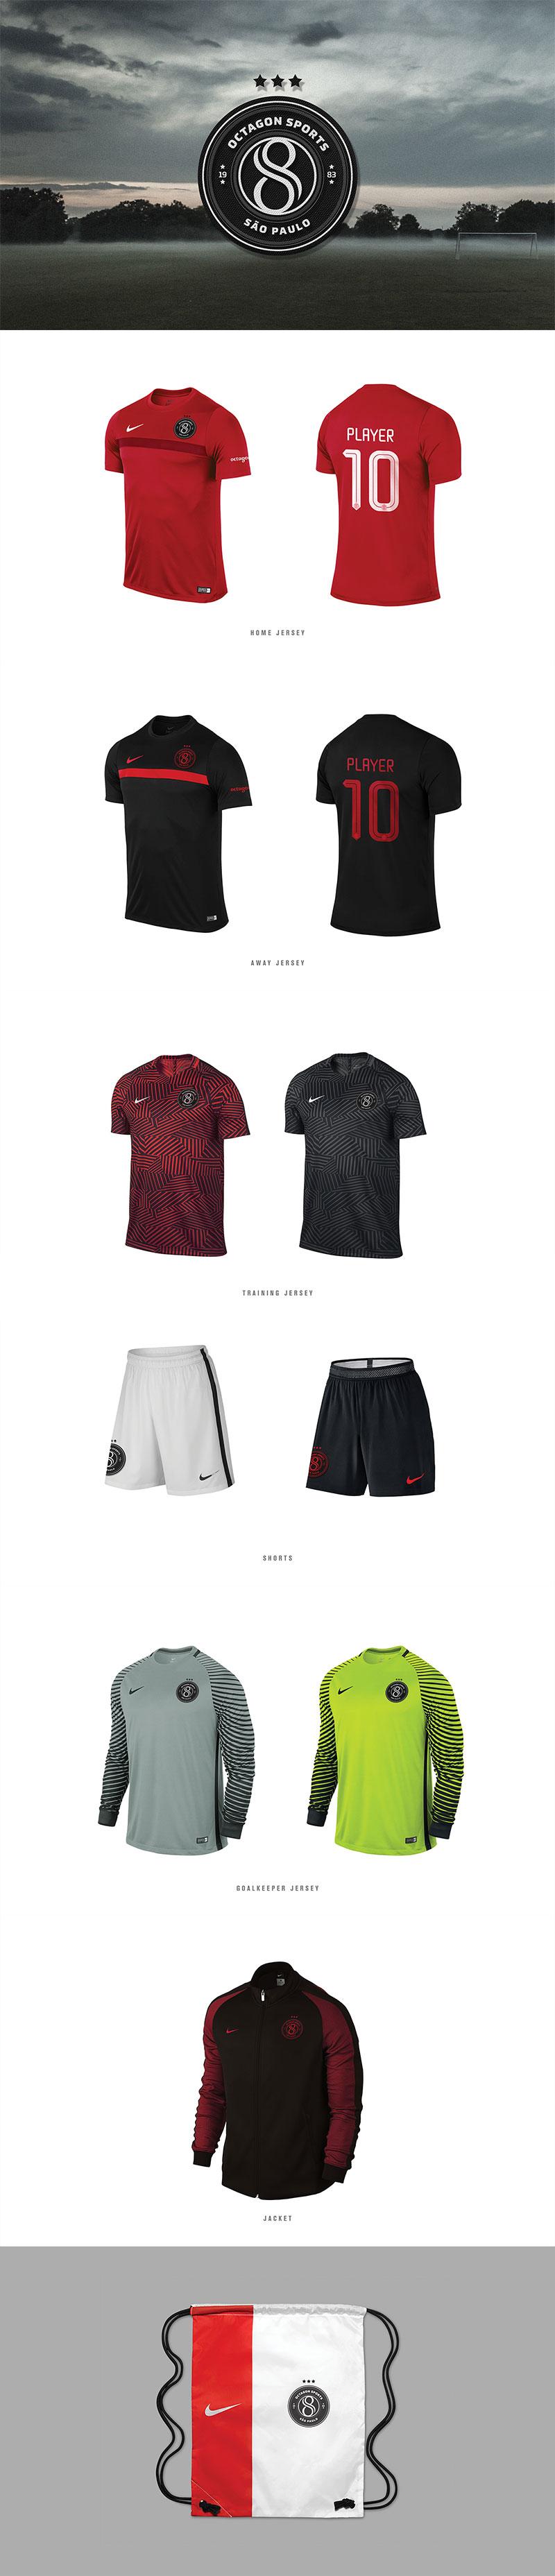 Branding Octagon São Paulo Footballl Team by Ricardo Carvalho